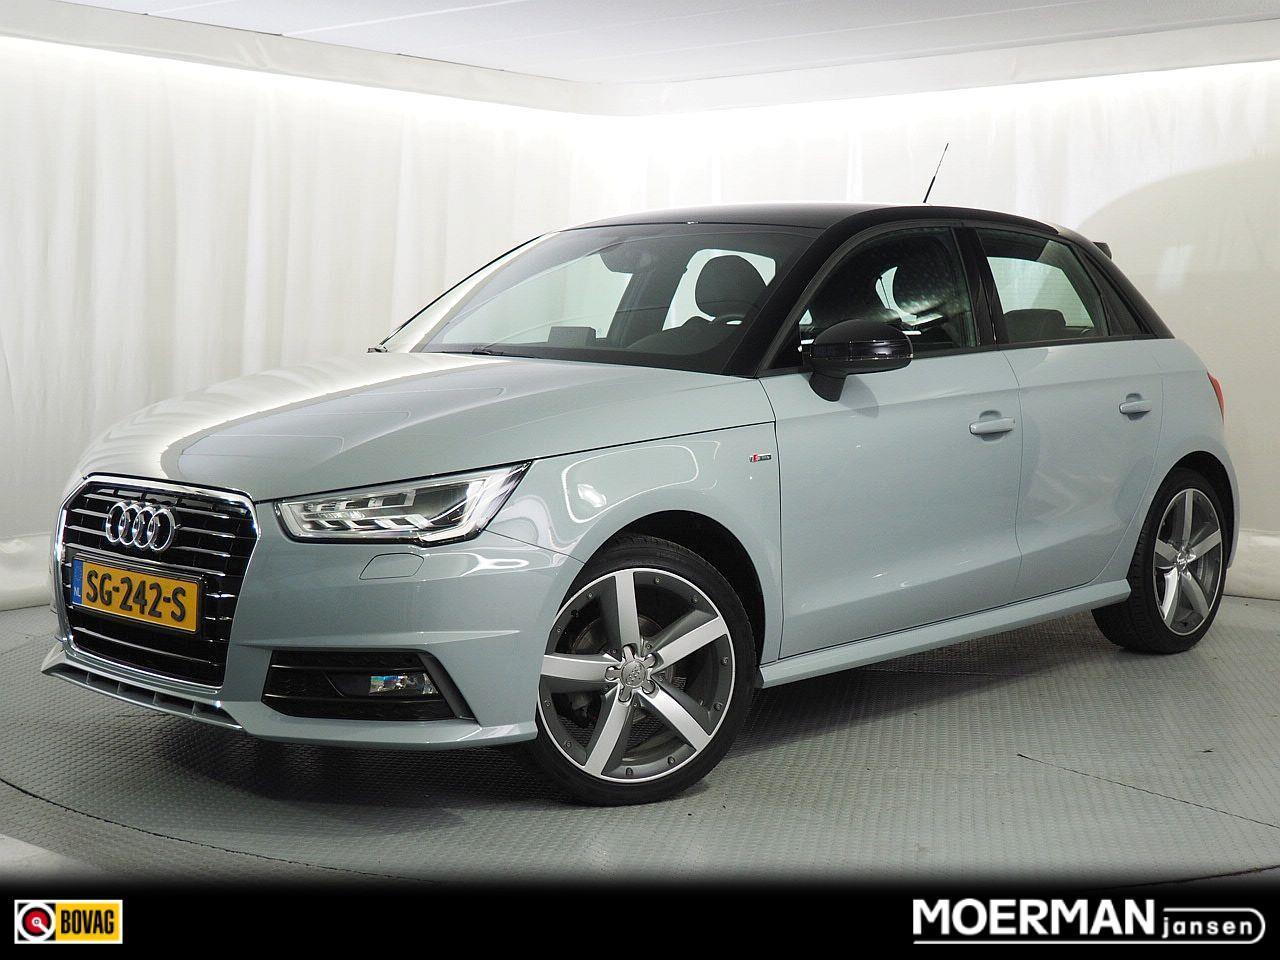 Audi A1 Sportback 1.0 tfsi advance sport / s-line exterieur / half leder / navigatie / automaat /